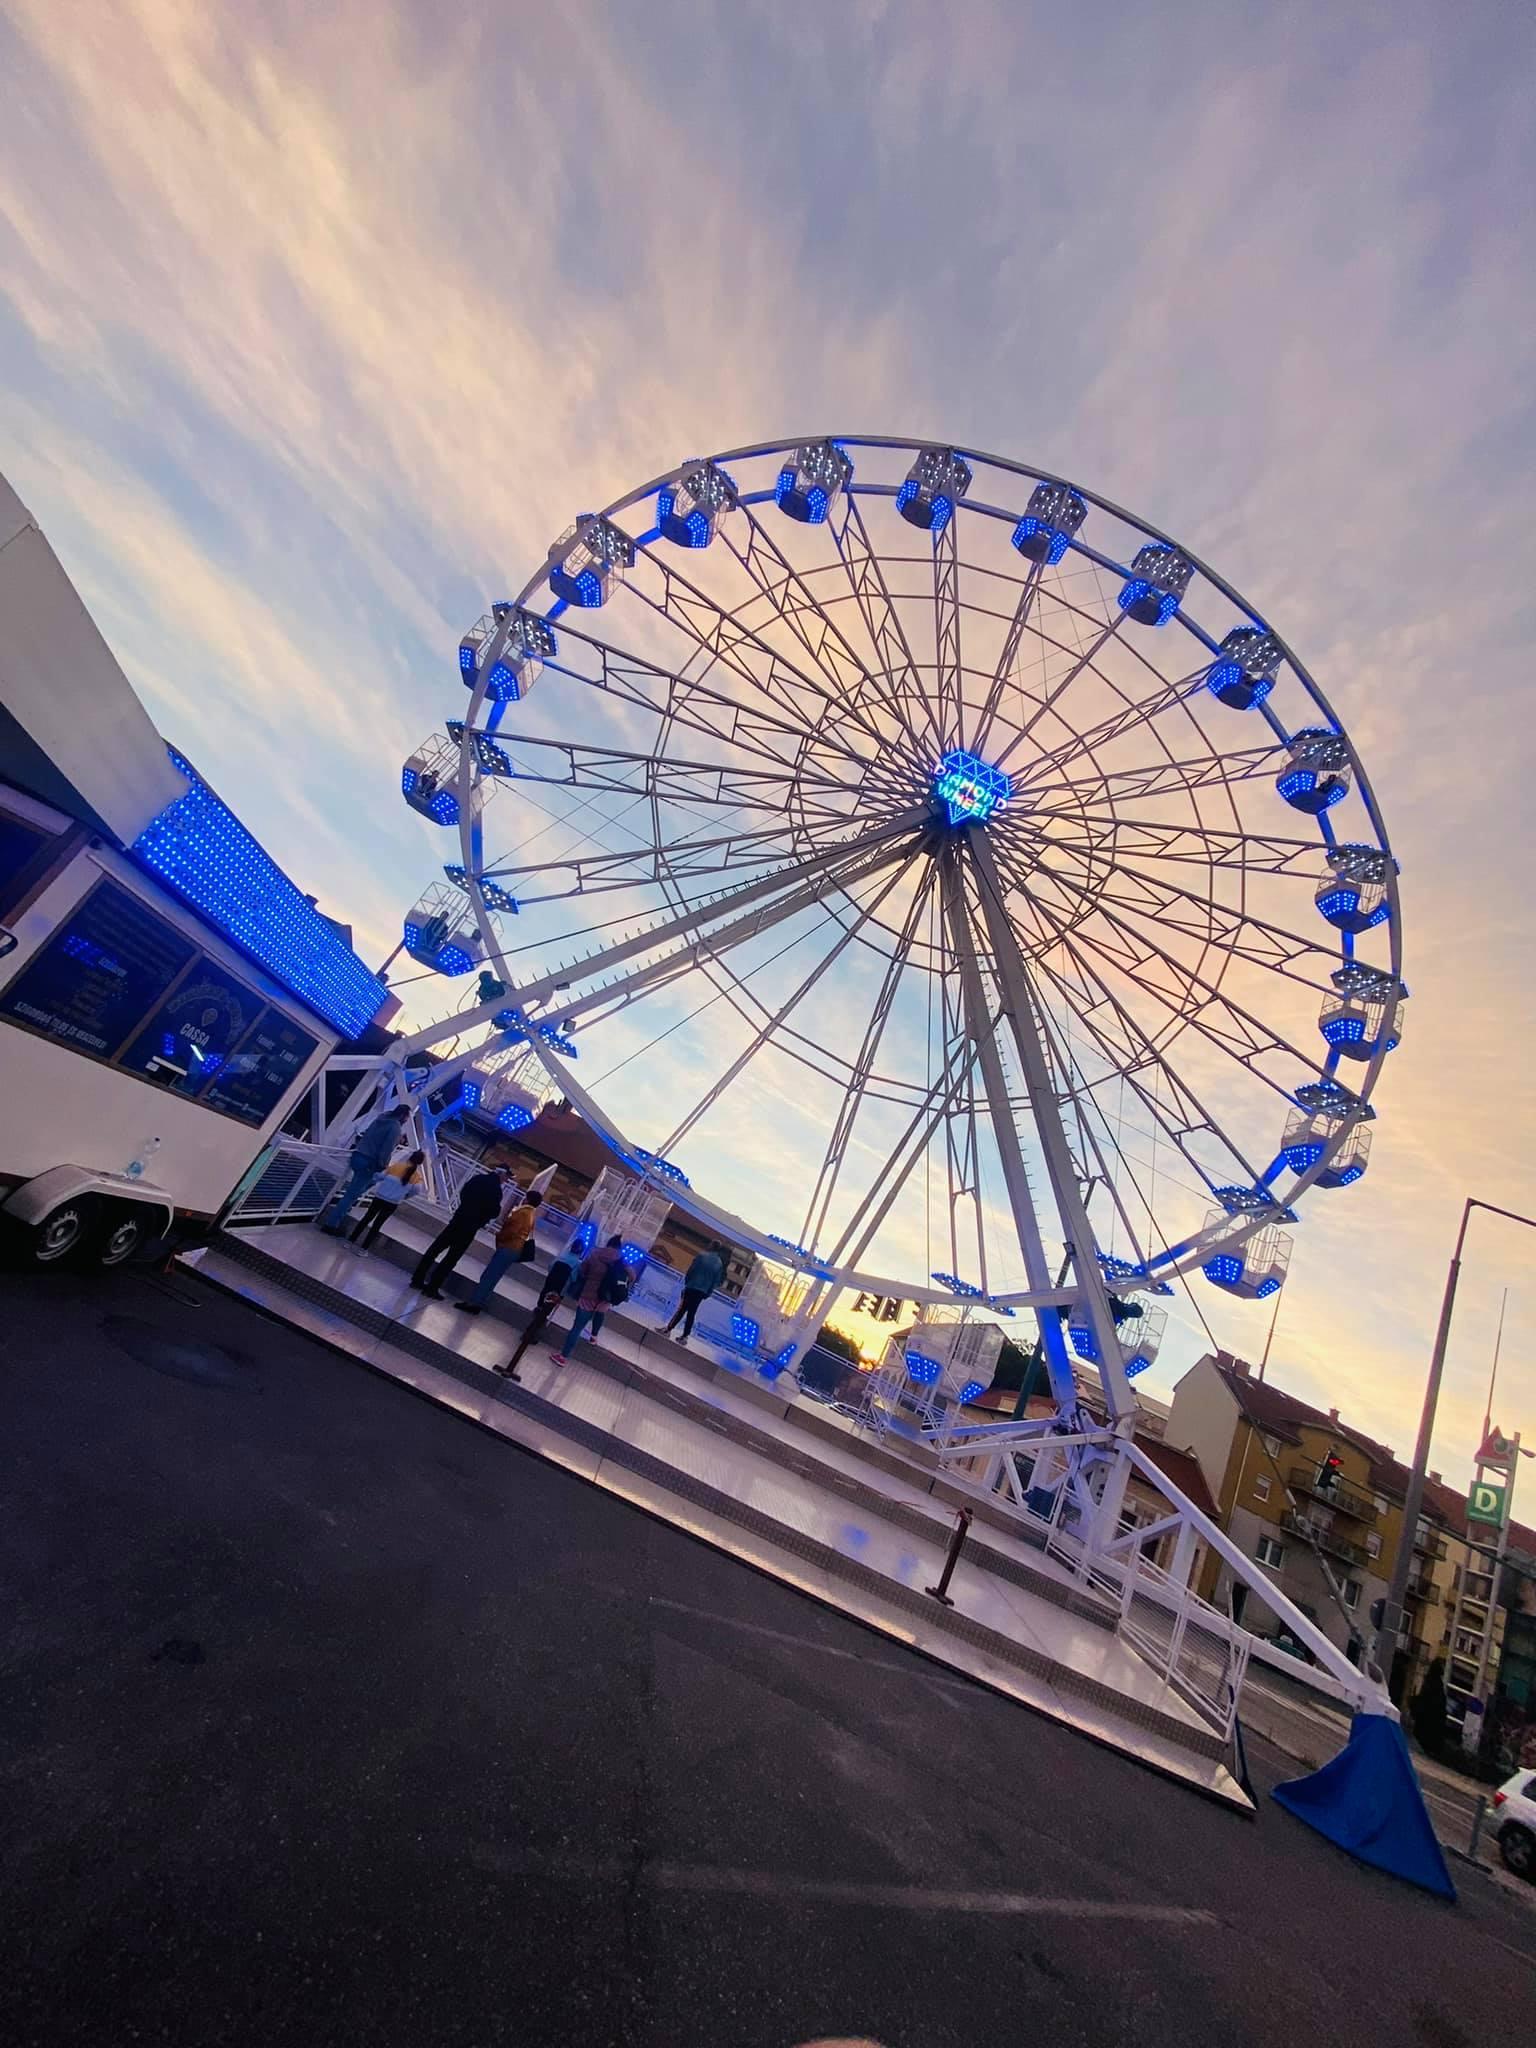 Miskolc Ferris Wheel